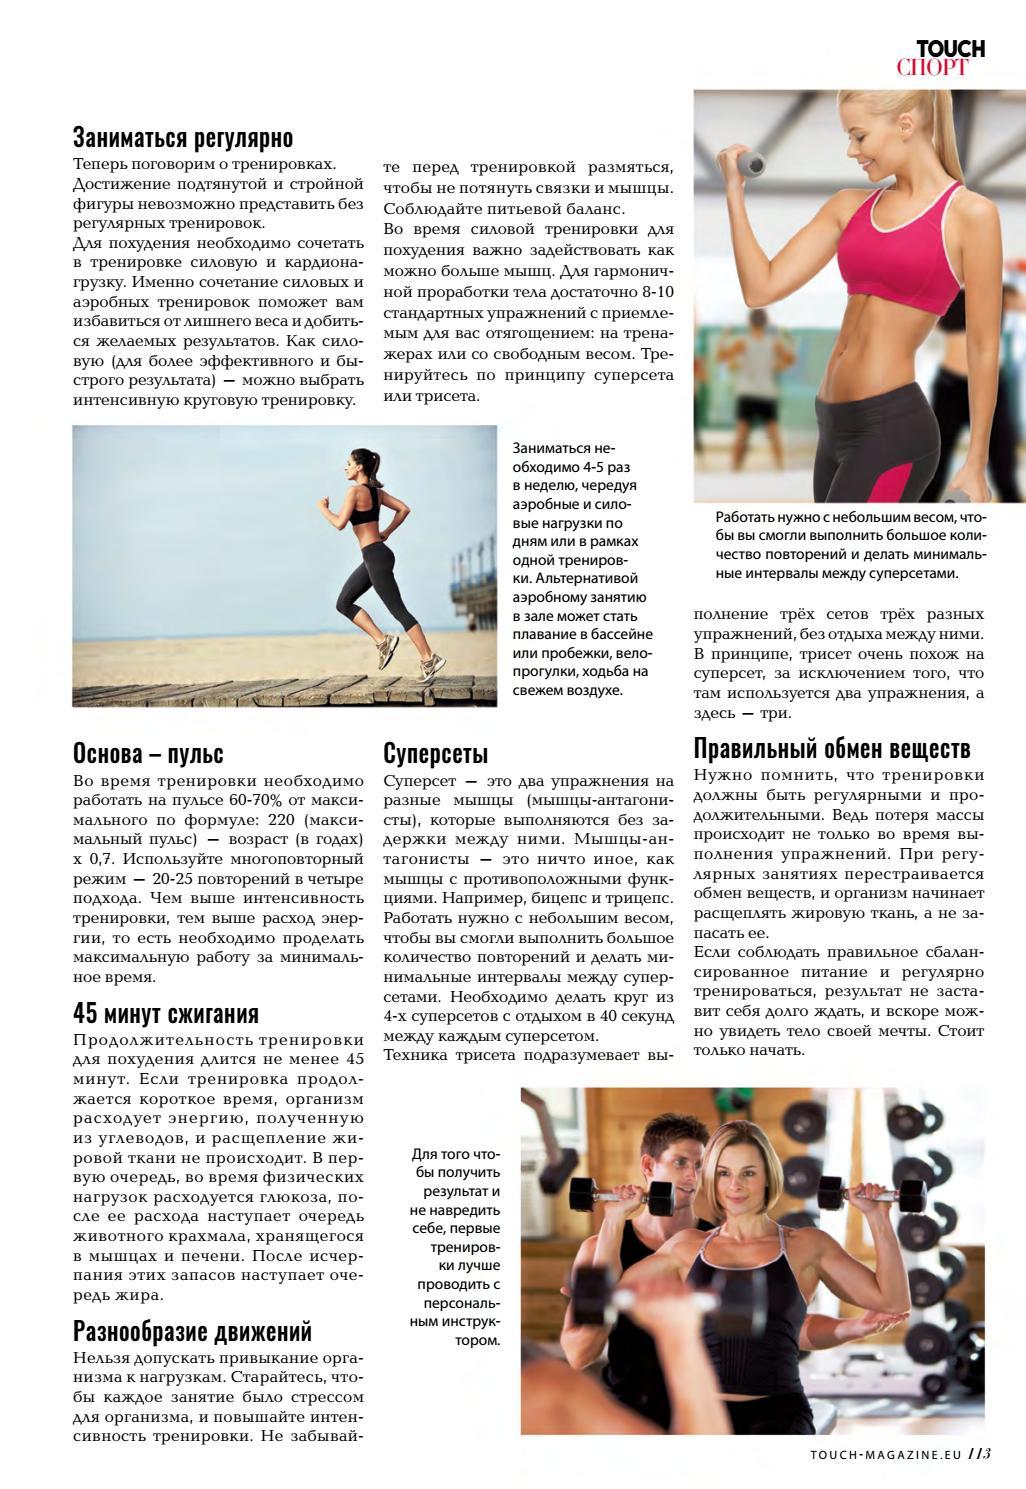 Убрать большой живот за 1-2 недели упражнения, диета: видео, фото.